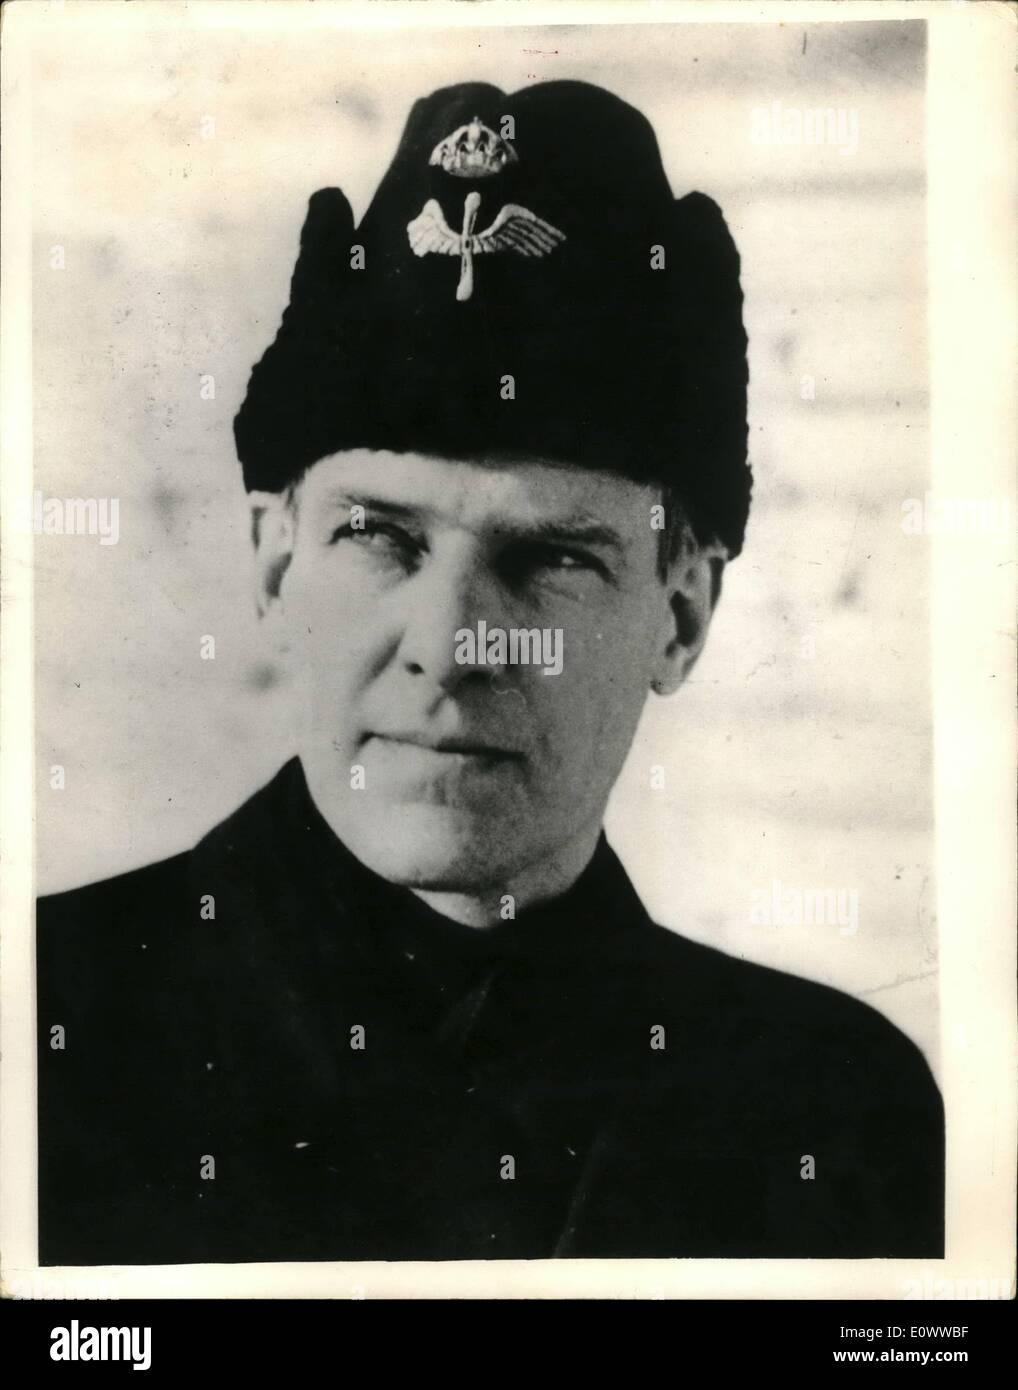 Mai 05, 1964 - Double Agent raconte cette histoire..''J'étais un espion au Pentagone'': une page 600 histoire censurée de gaz à été publié aujourd'hui à Stockholm, à l'ancien diplomate qui Wennserstroem Colonel qui attend la phrase sur la base d'accusations d'espionnage pour la Russie, a admis qu'il était un espion du Pentagone à Washington, et à condition que les Russes avec de telles informations remarquable qu'ils ont fait de lui un général. Il est également dit d'avoir aidé les Américains alors qu'il était l'attaché de l'air à Moscou. La photo montre le Colonel Stig Wennerstroem, lorsqu'il était à Moscou. Photo Stock